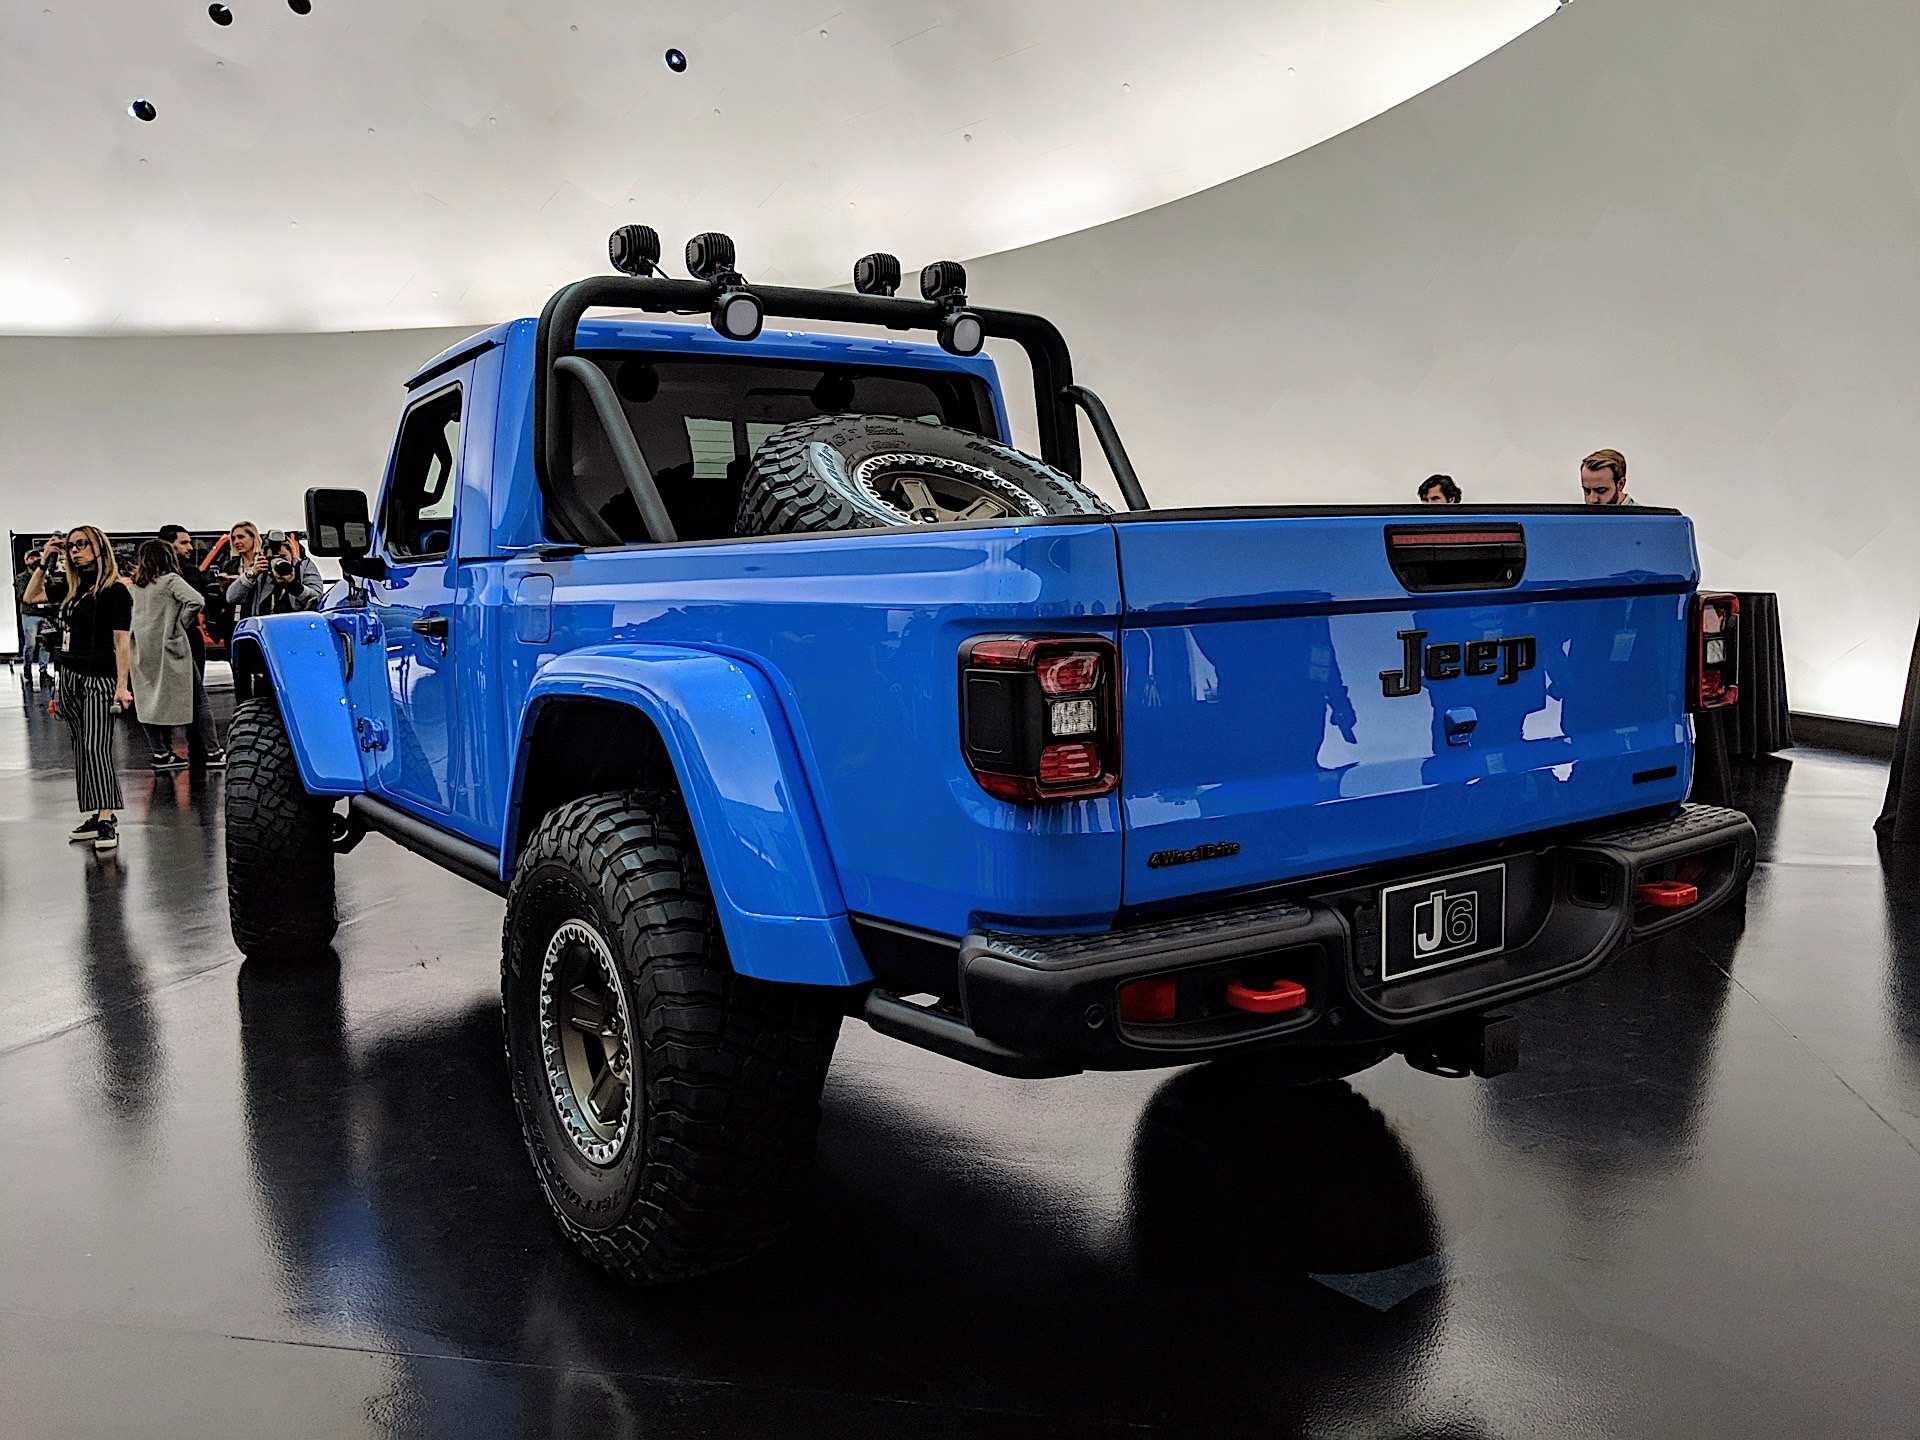 92 New 2020 Jeep Gladiator 2 Door Performance by 2020 Jeep Gladiator 2 Door